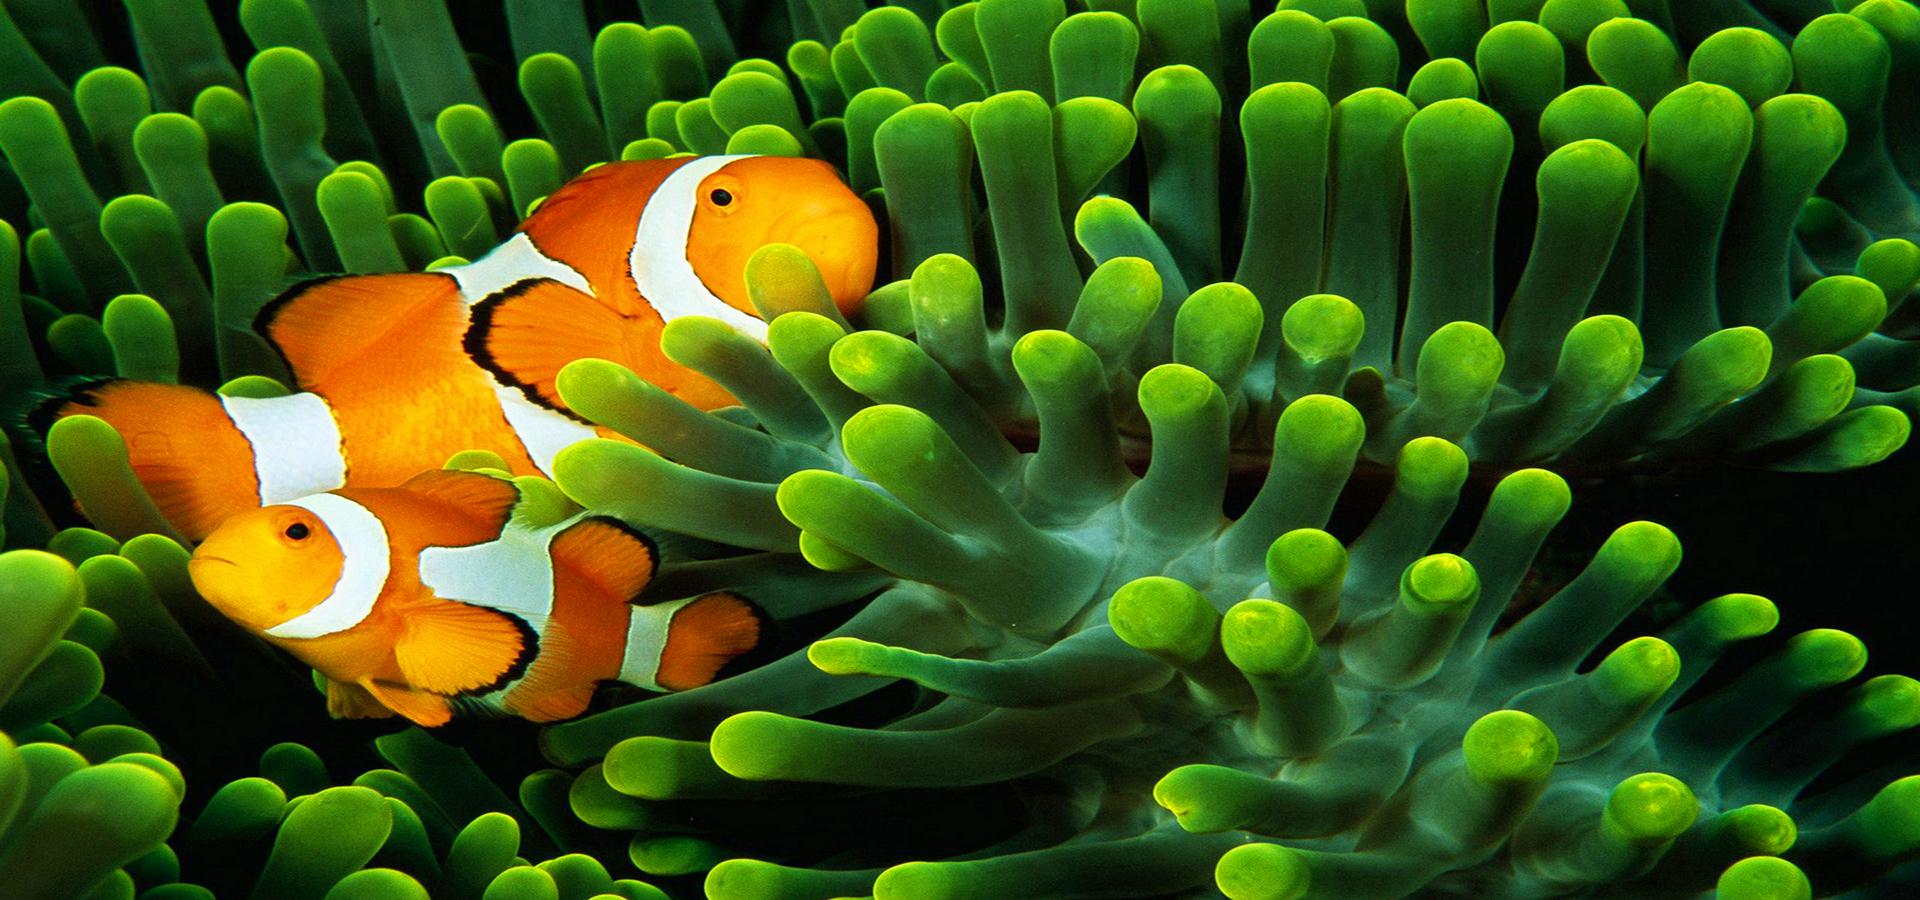 poissons de fond poisson vert algues image de fond pour le